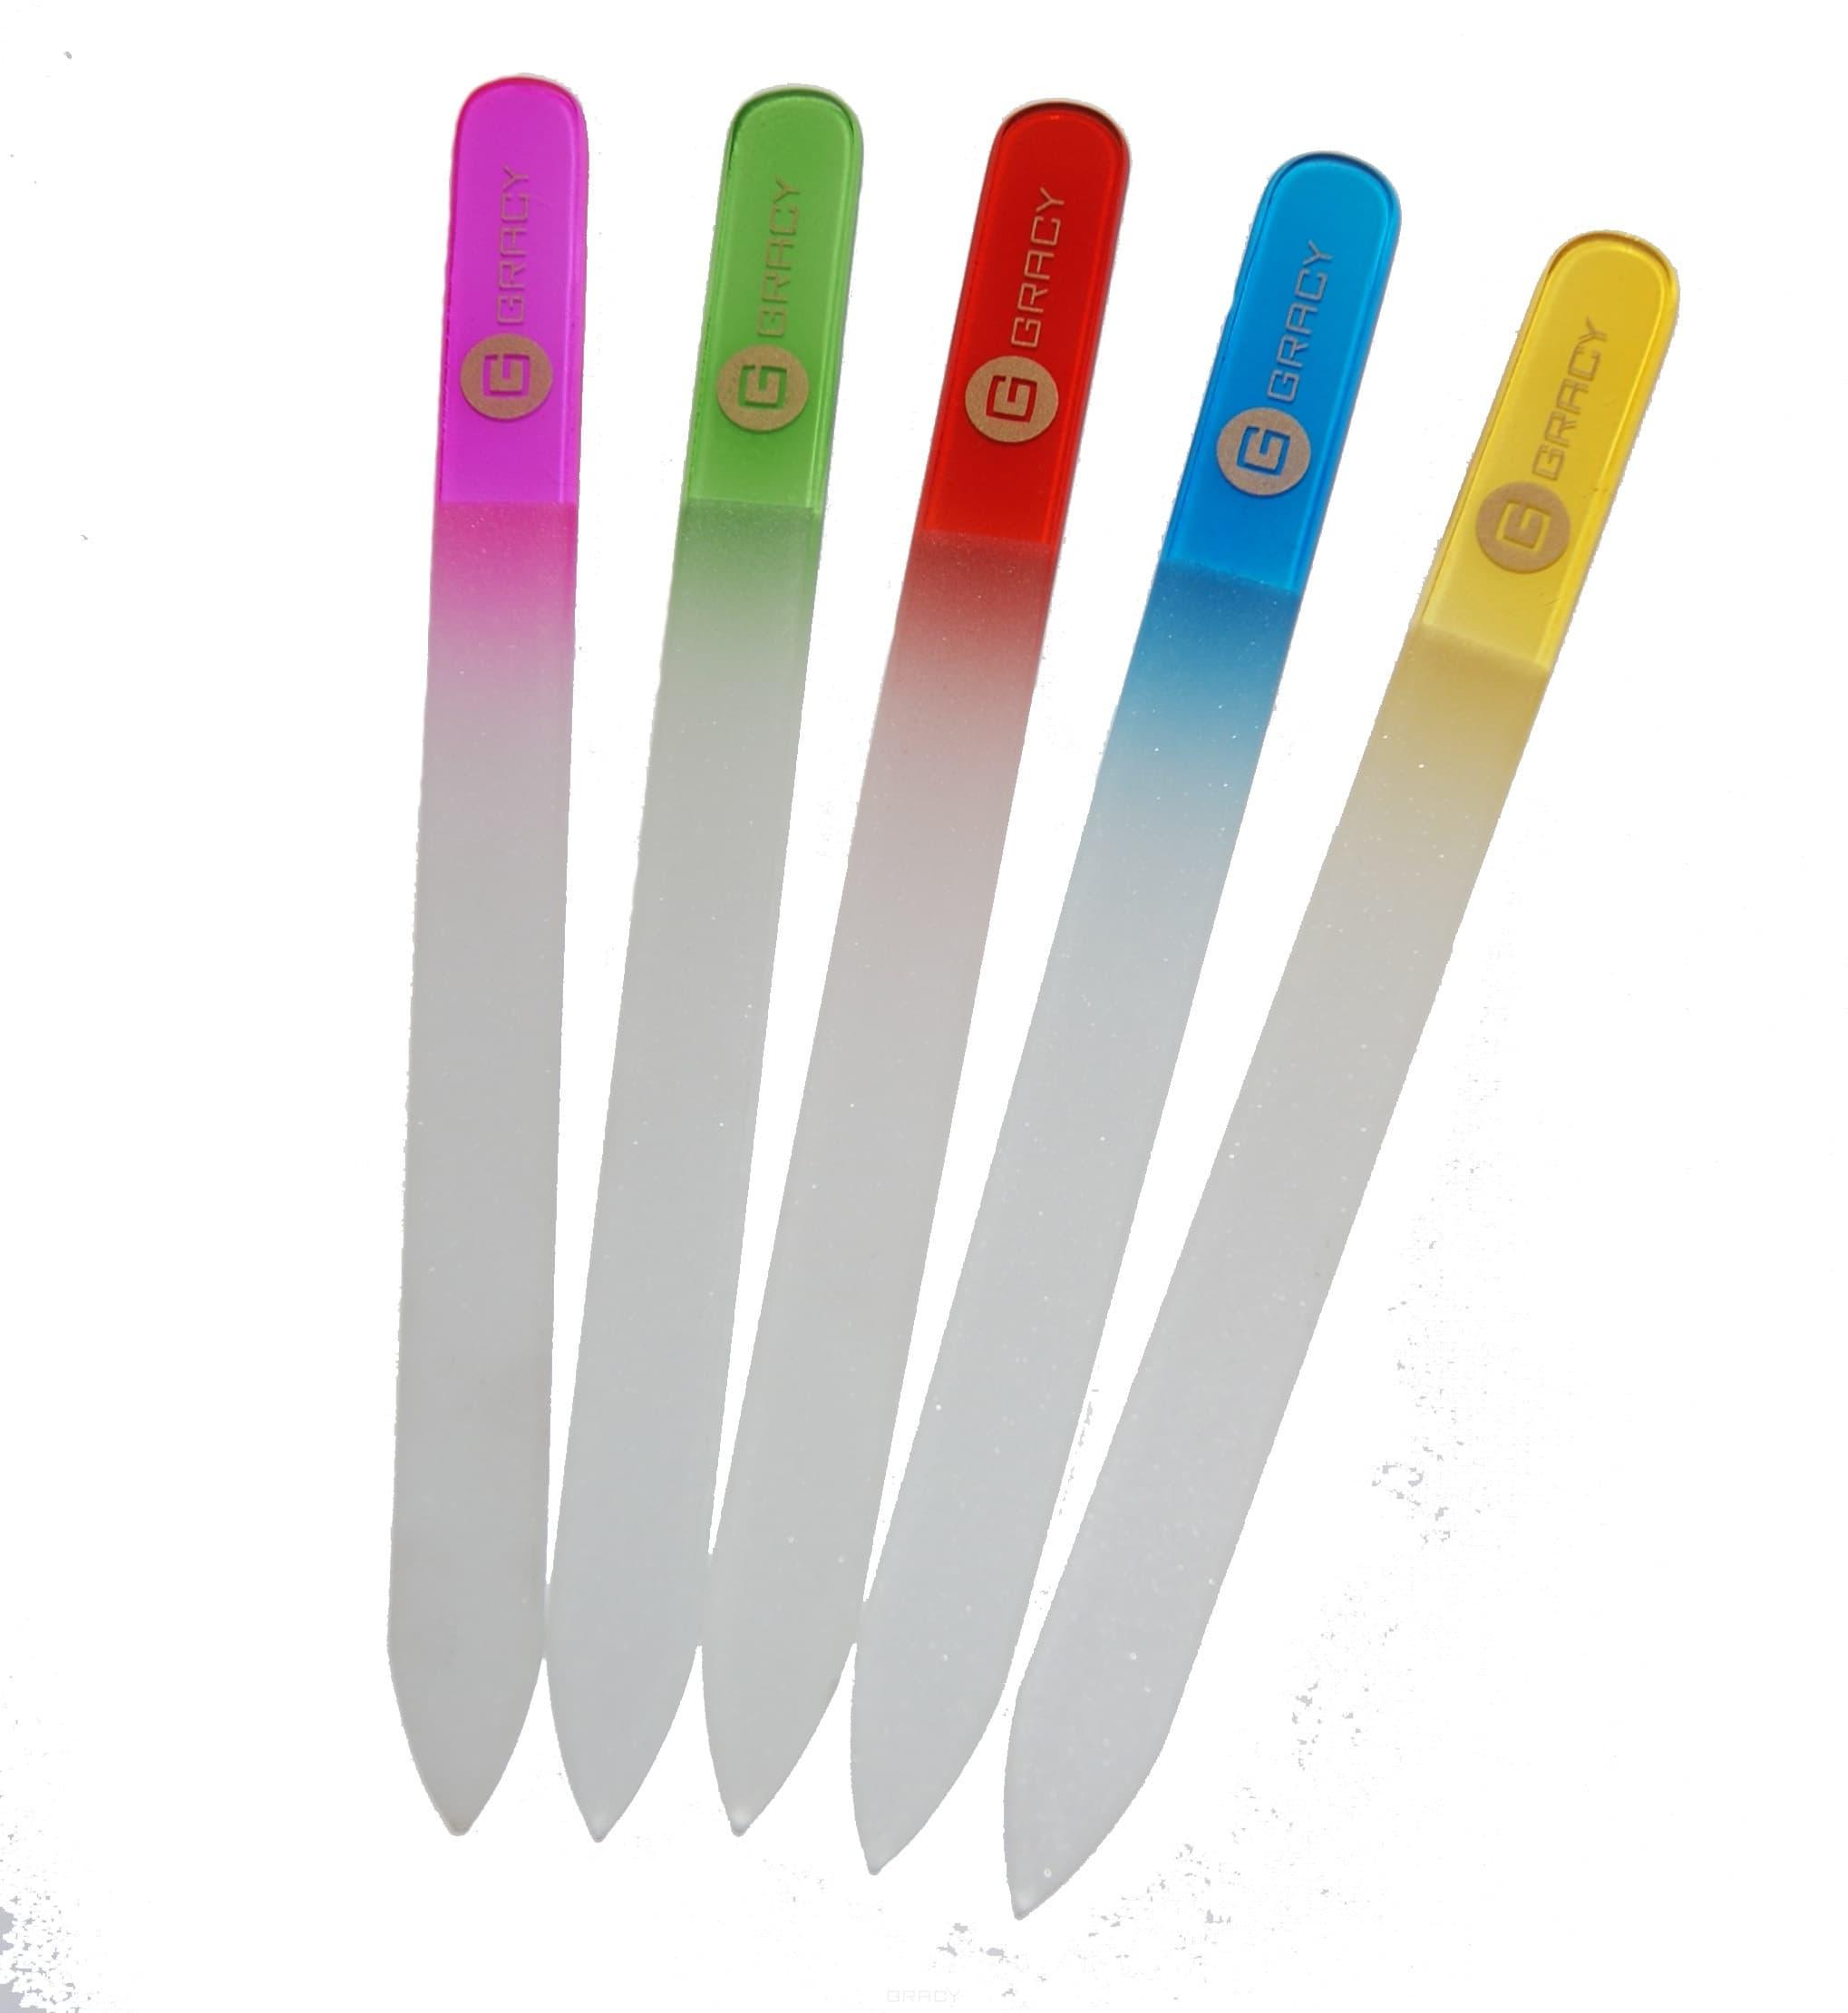 Стеклянная пилка в чехле (5 цветов)Стеклянная пилка для натуральных ногтей в чехле. 5 цветов.<br>